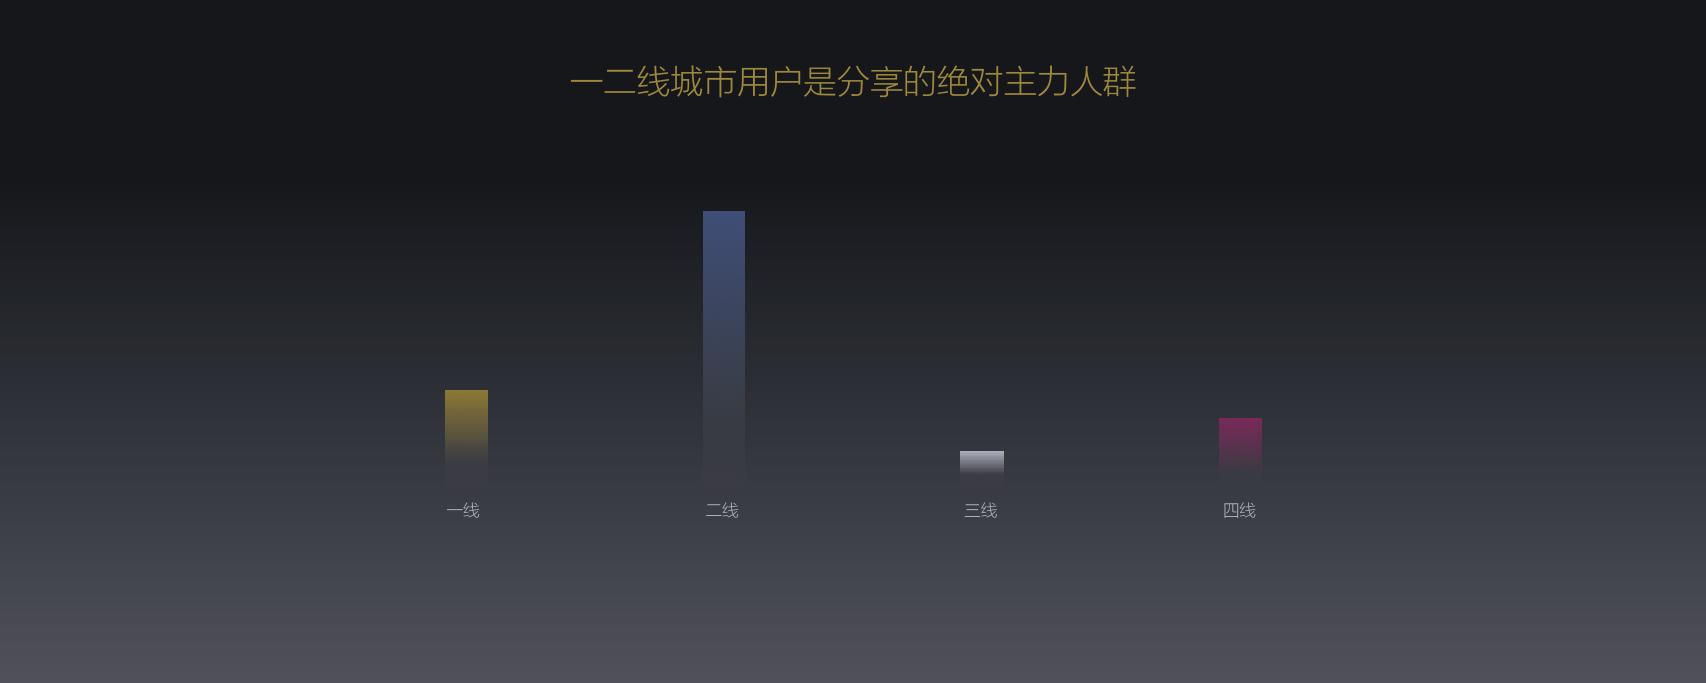 2016分享经济发展报告_000016